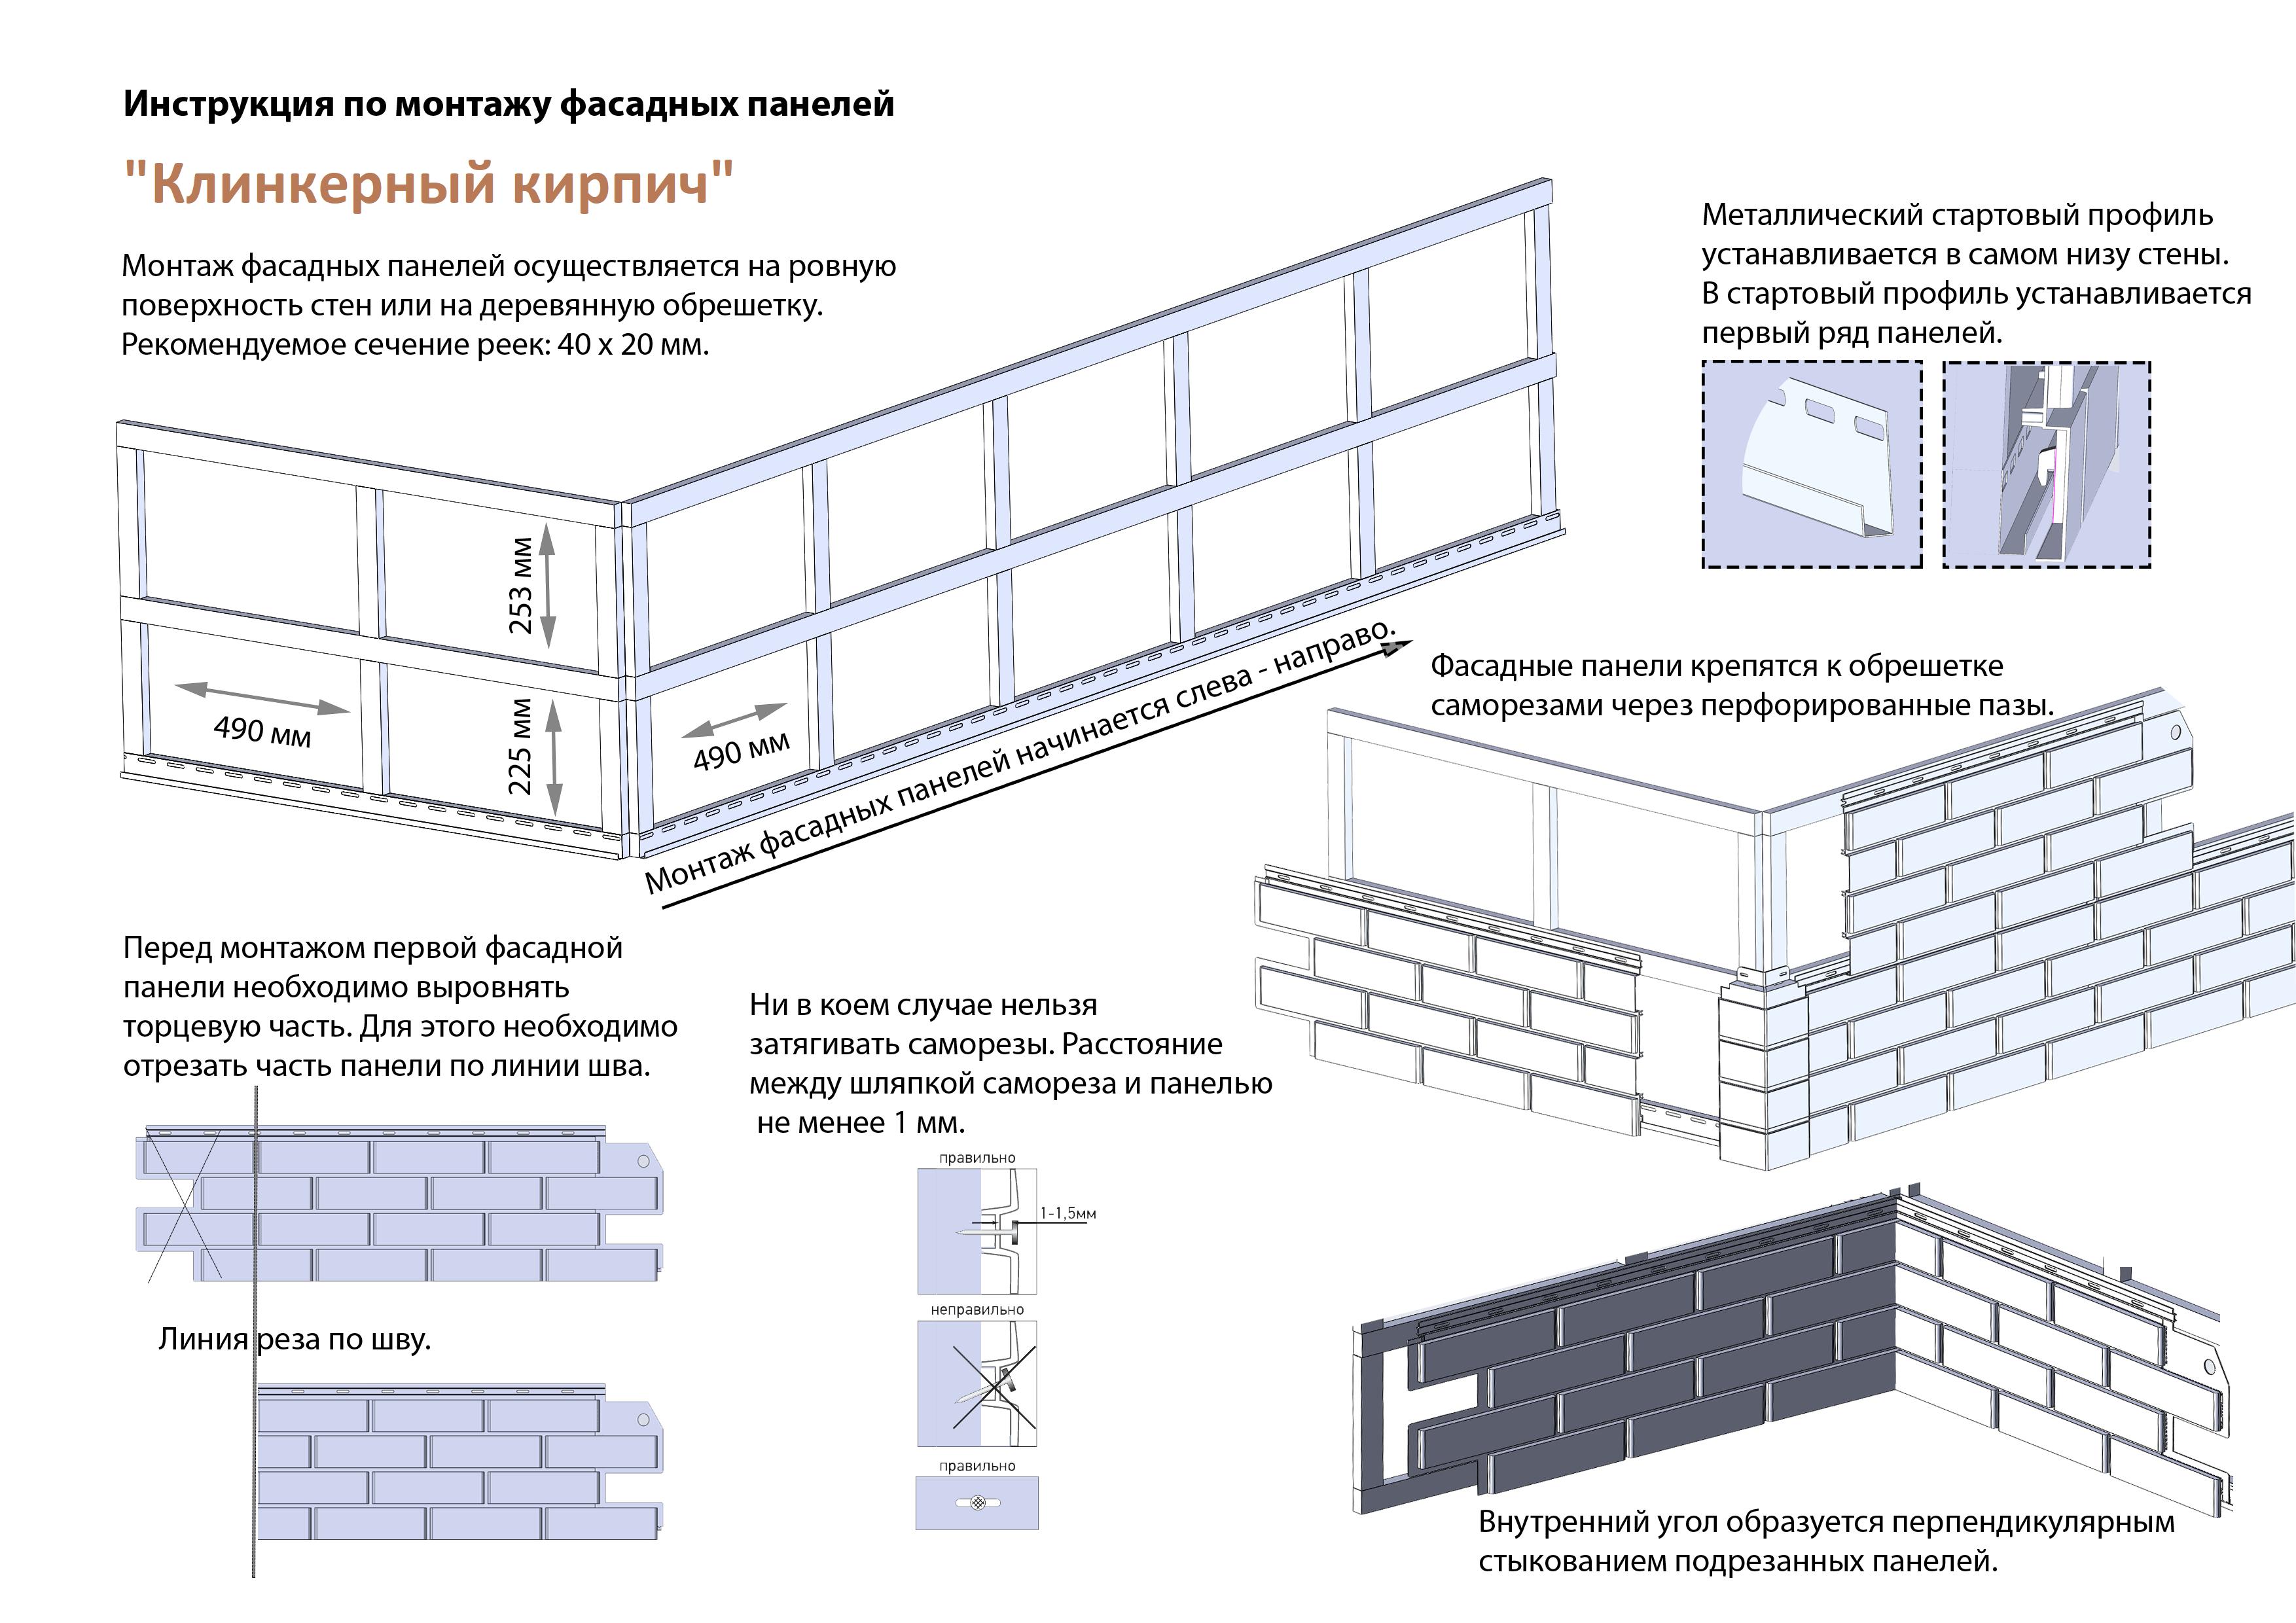 """Инструкция по монтажу фасадных панелей """"Клинкерный кирпич"""""""